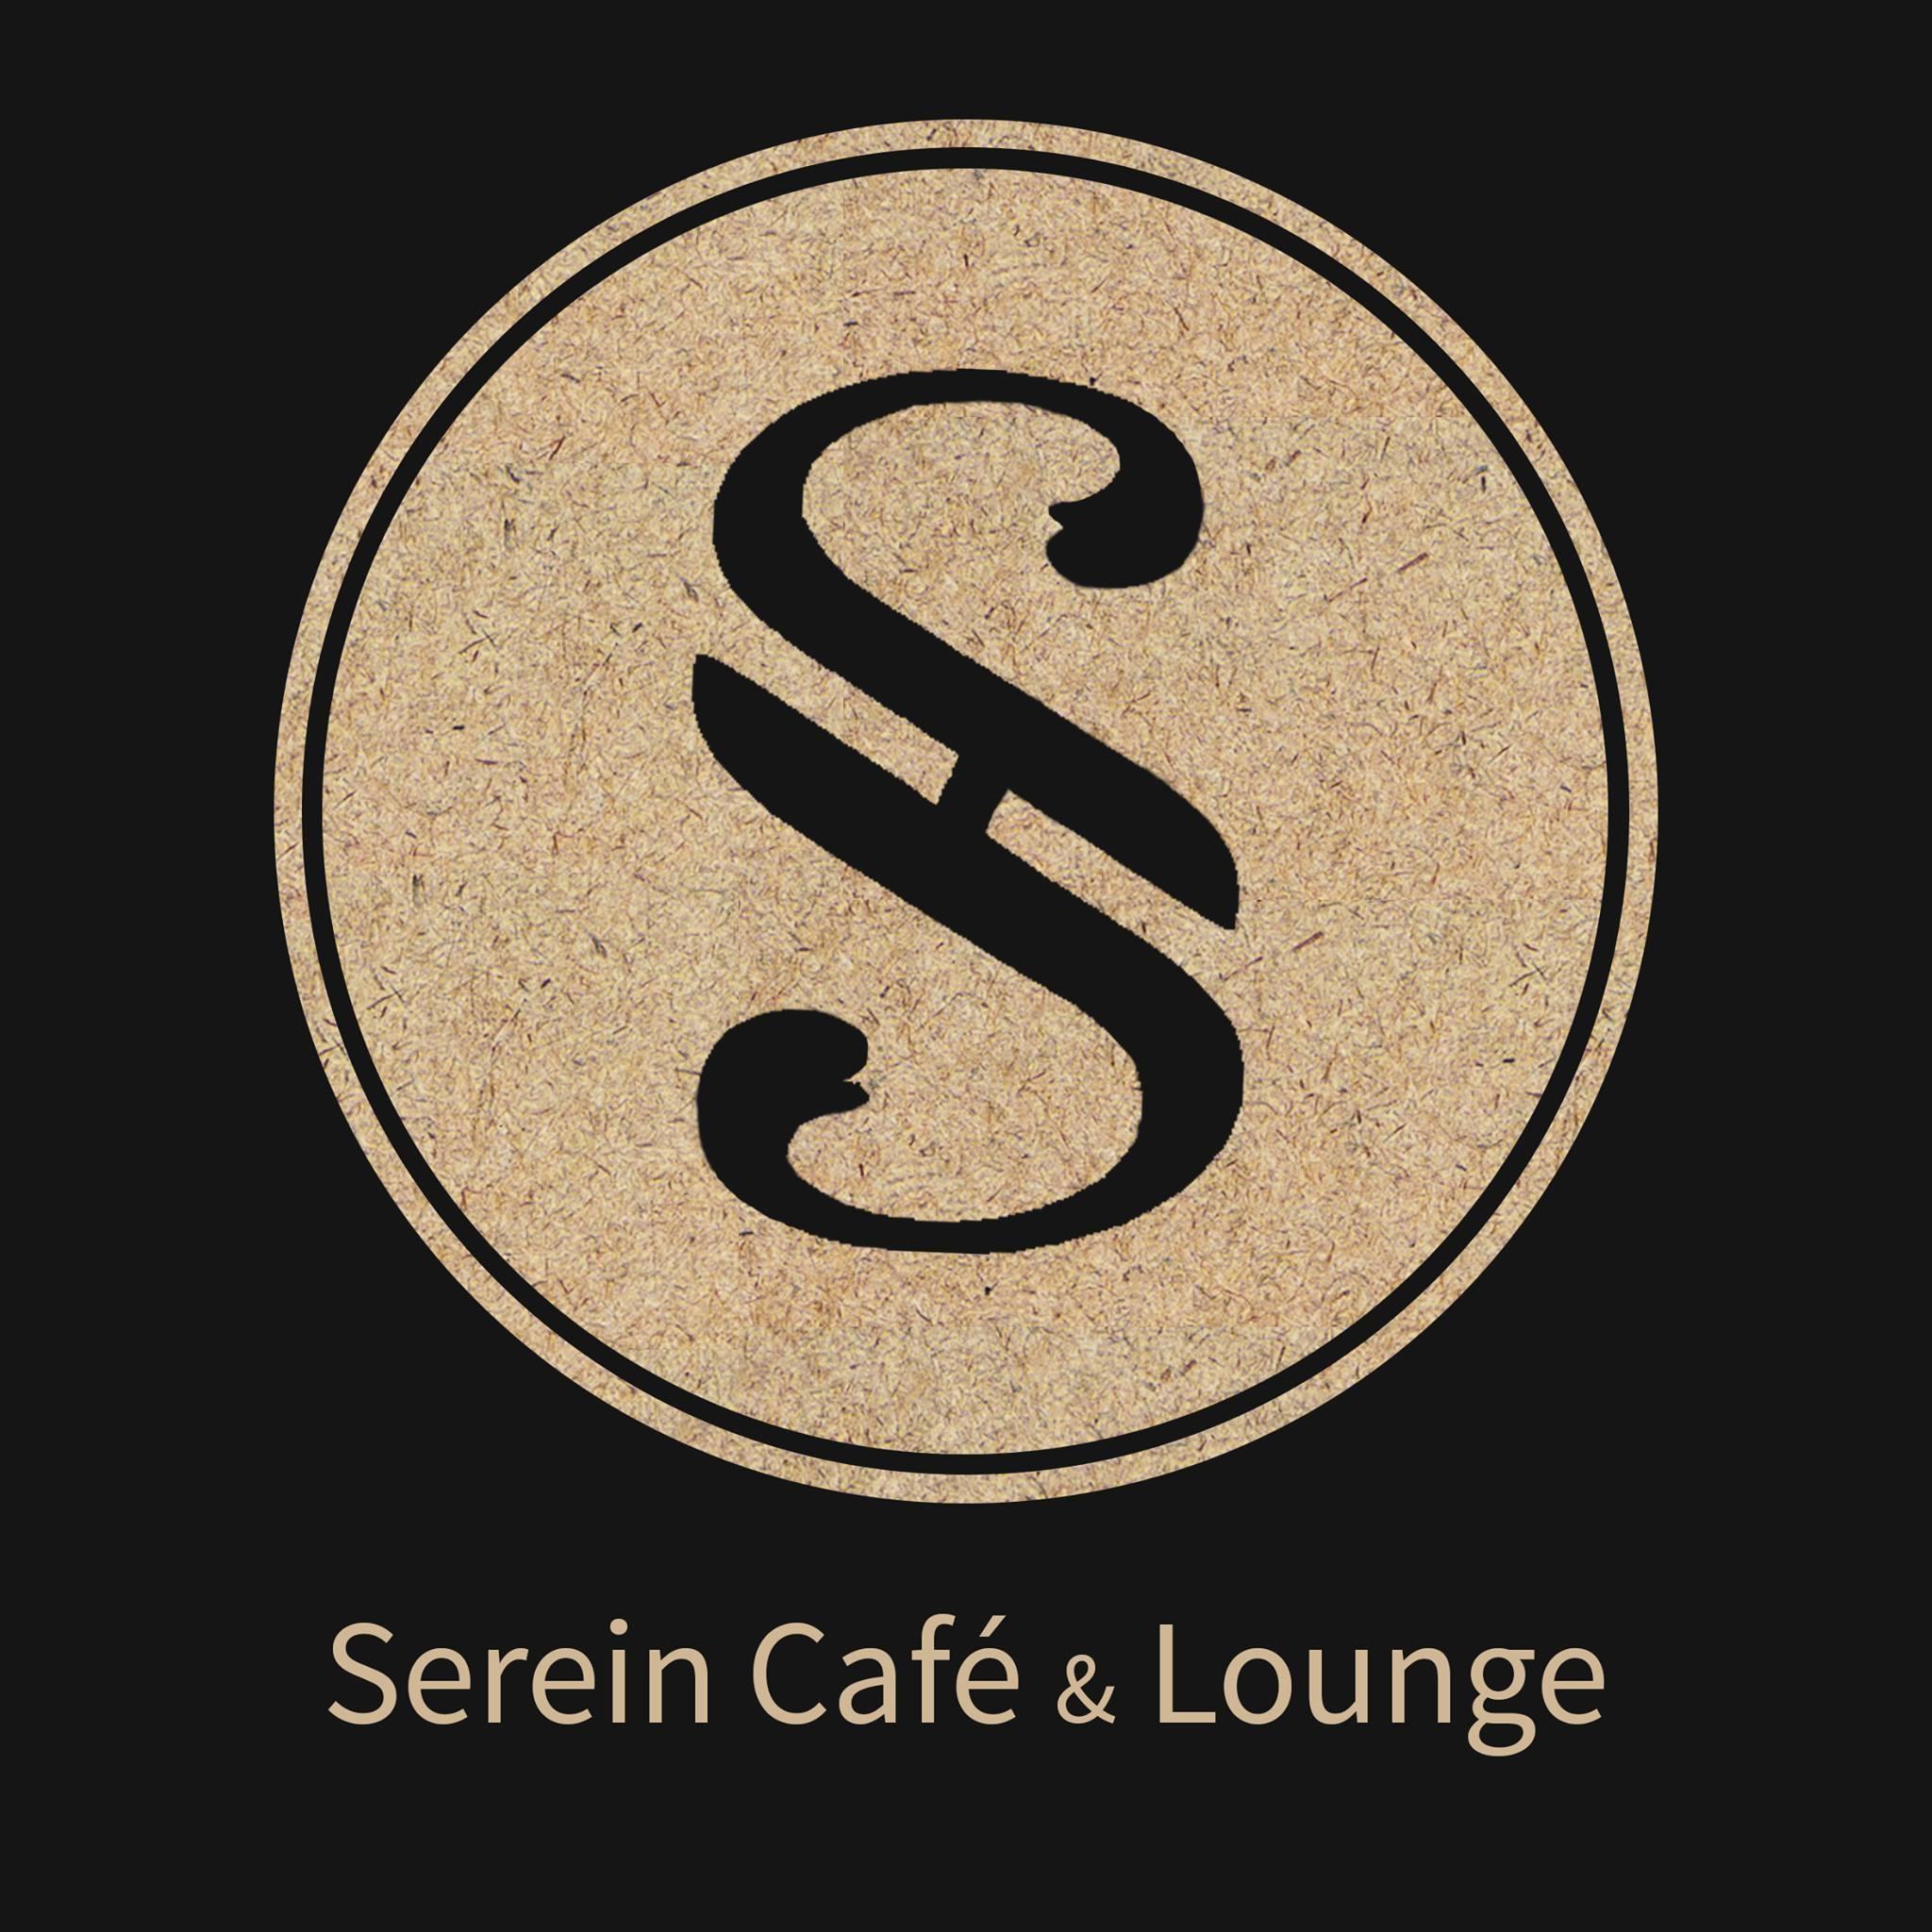 Serein Cafe